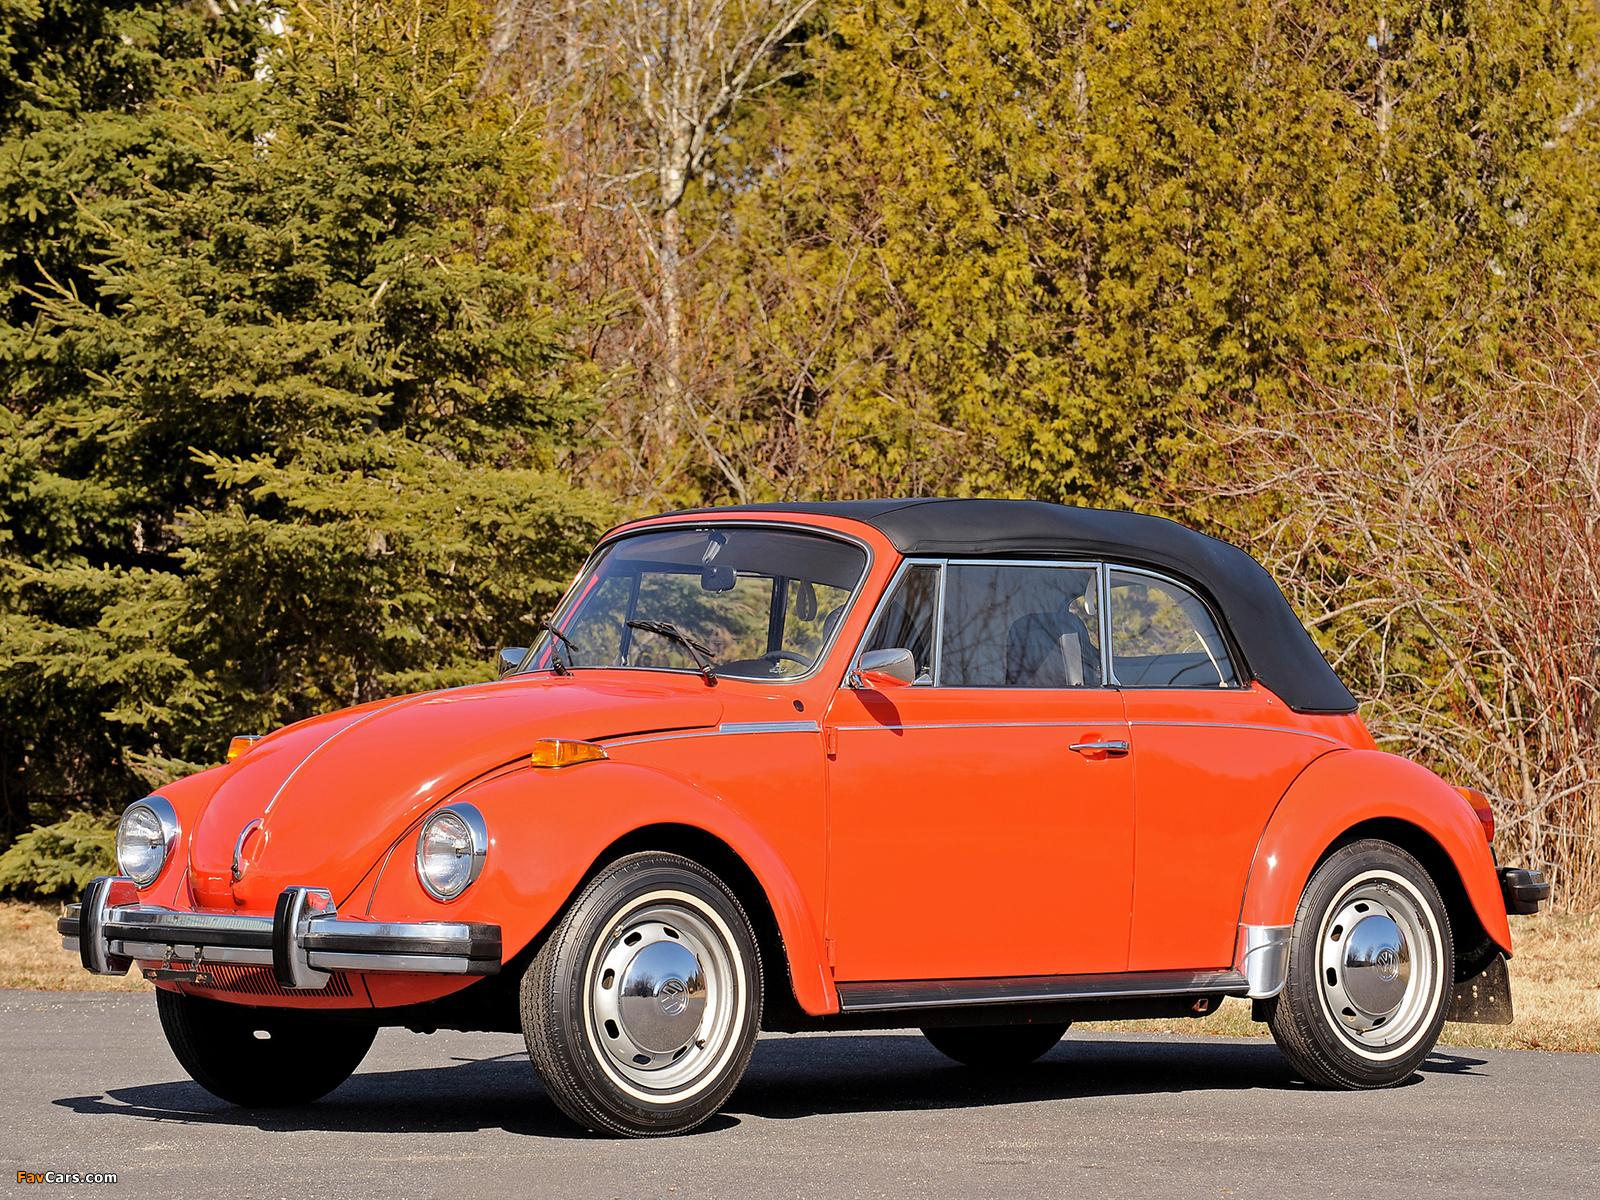 Convertible Volkswagen Beetle >> Volkswagen Beetle Convertible 1972 photos (1600x1200)